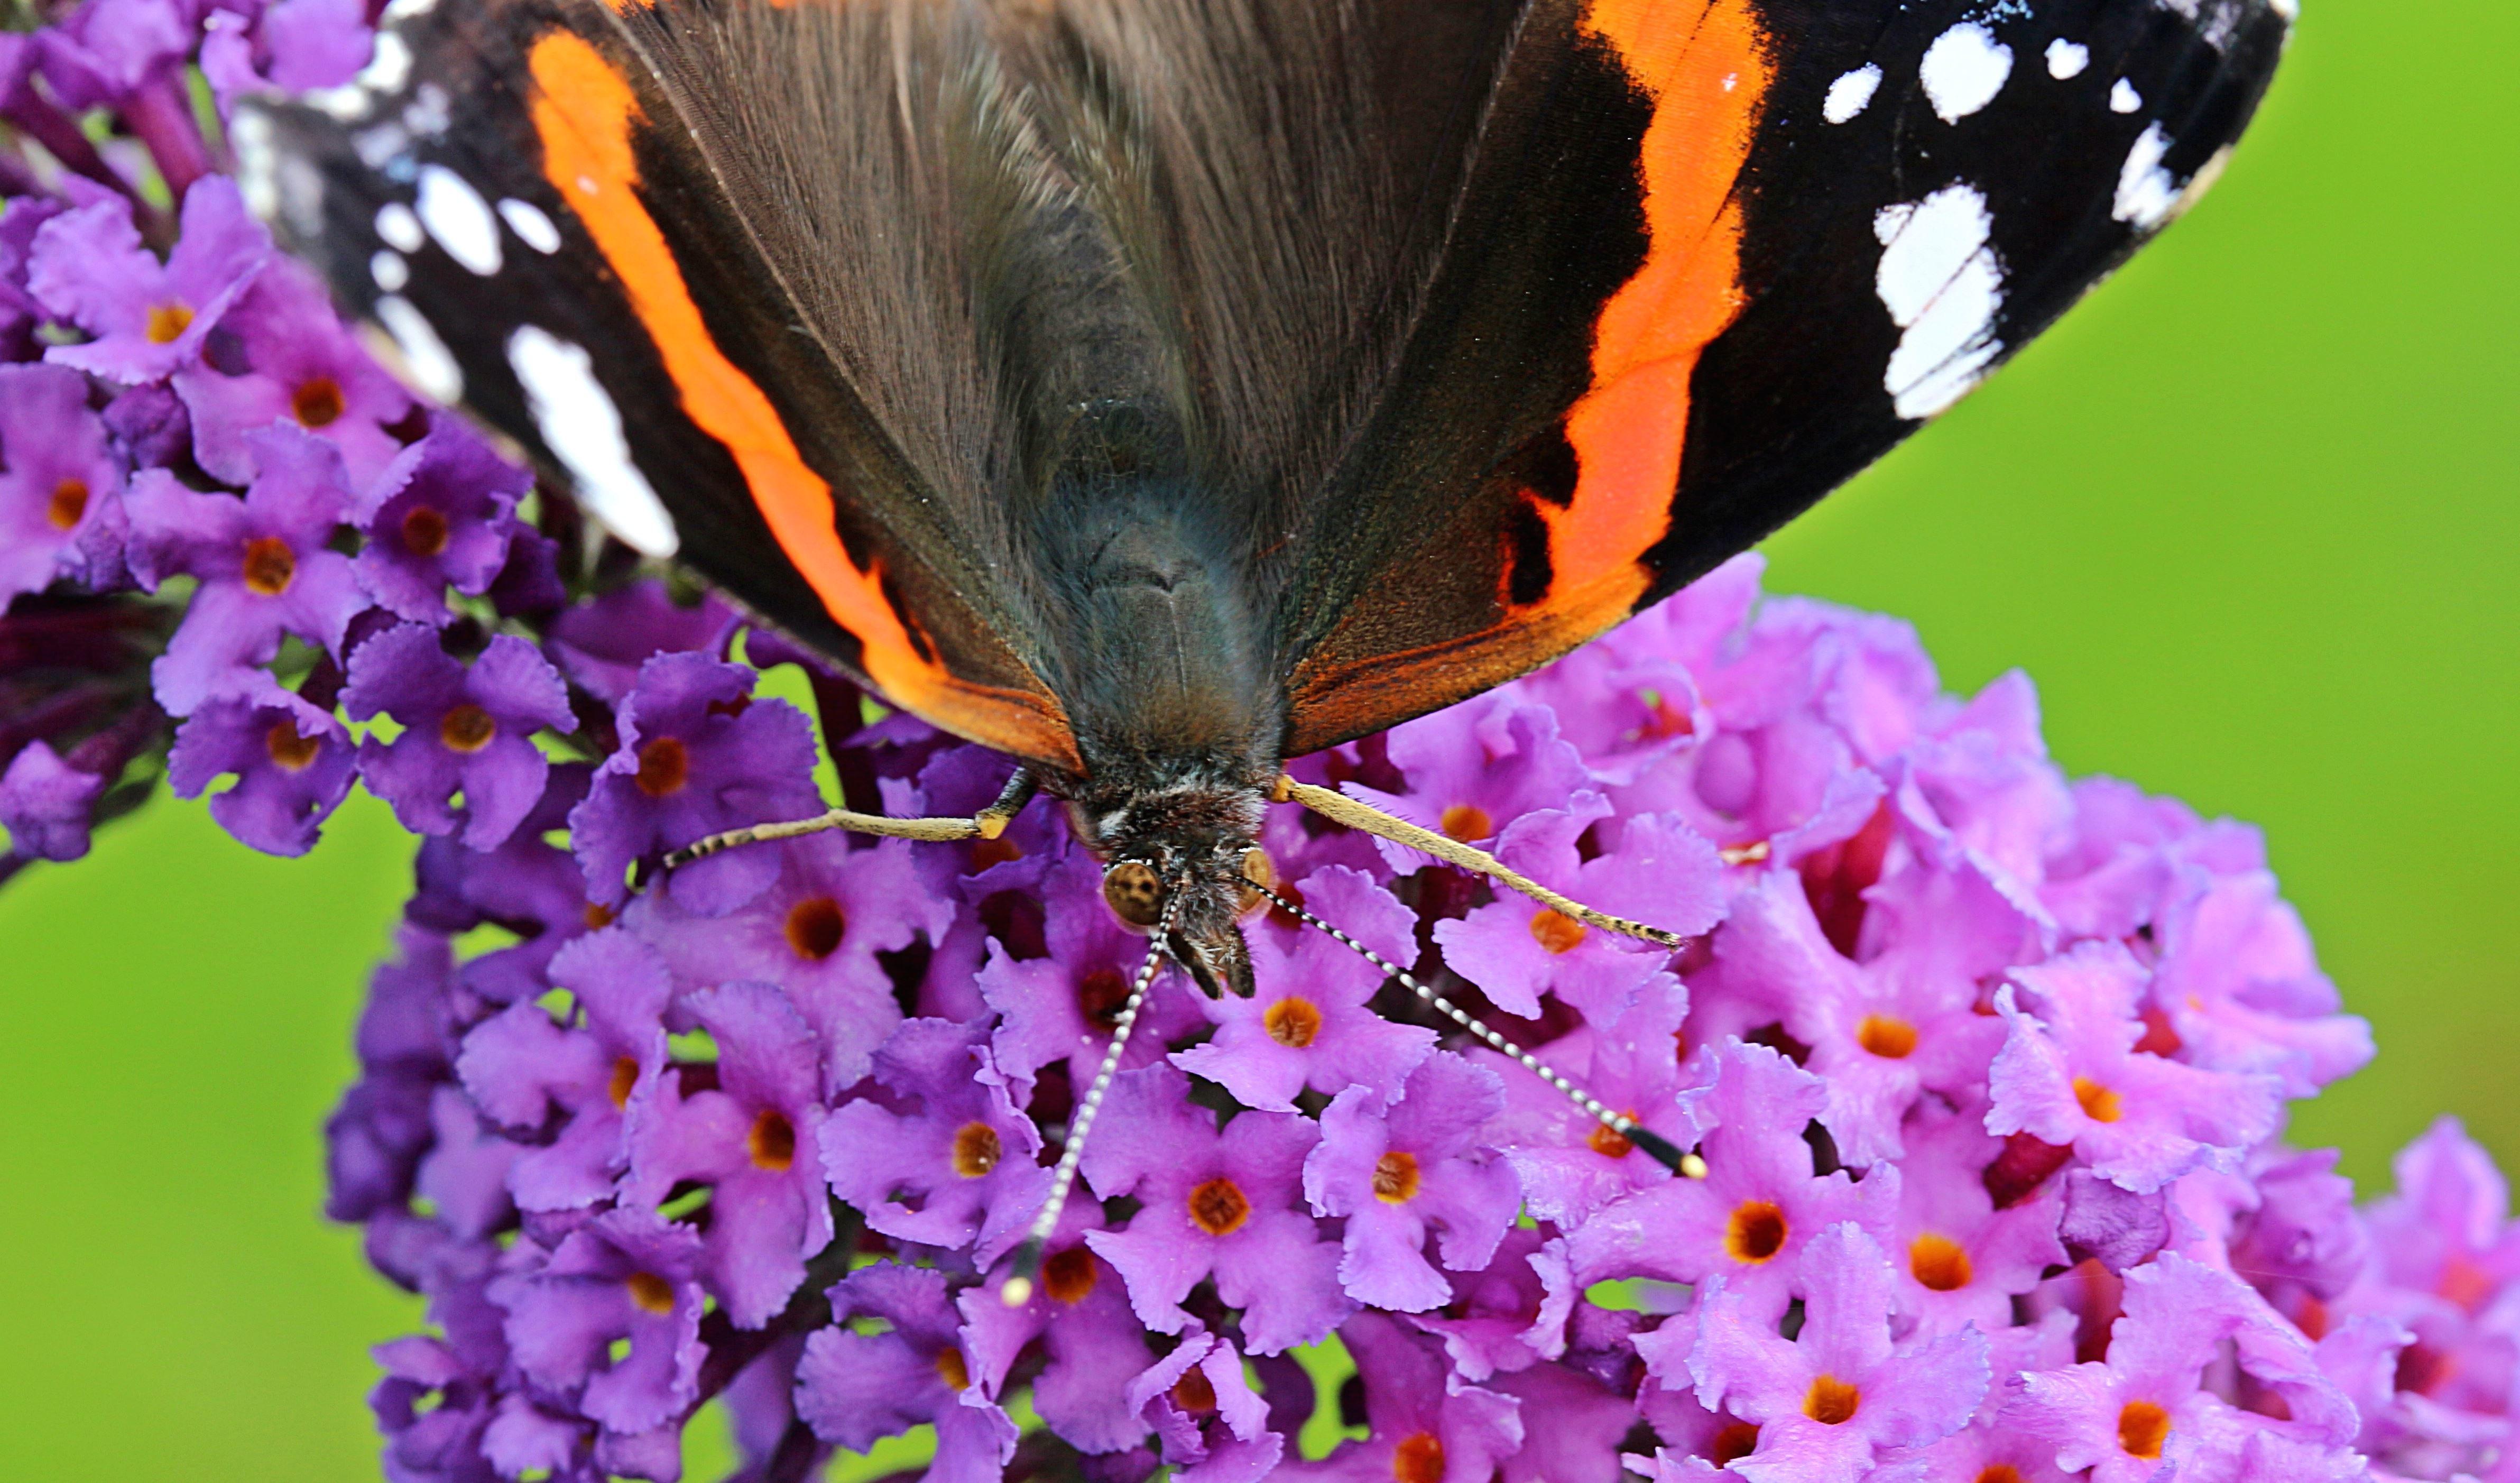 Image libre flore fleurs fleur fleur papillon insecte - Papillon fleur ...